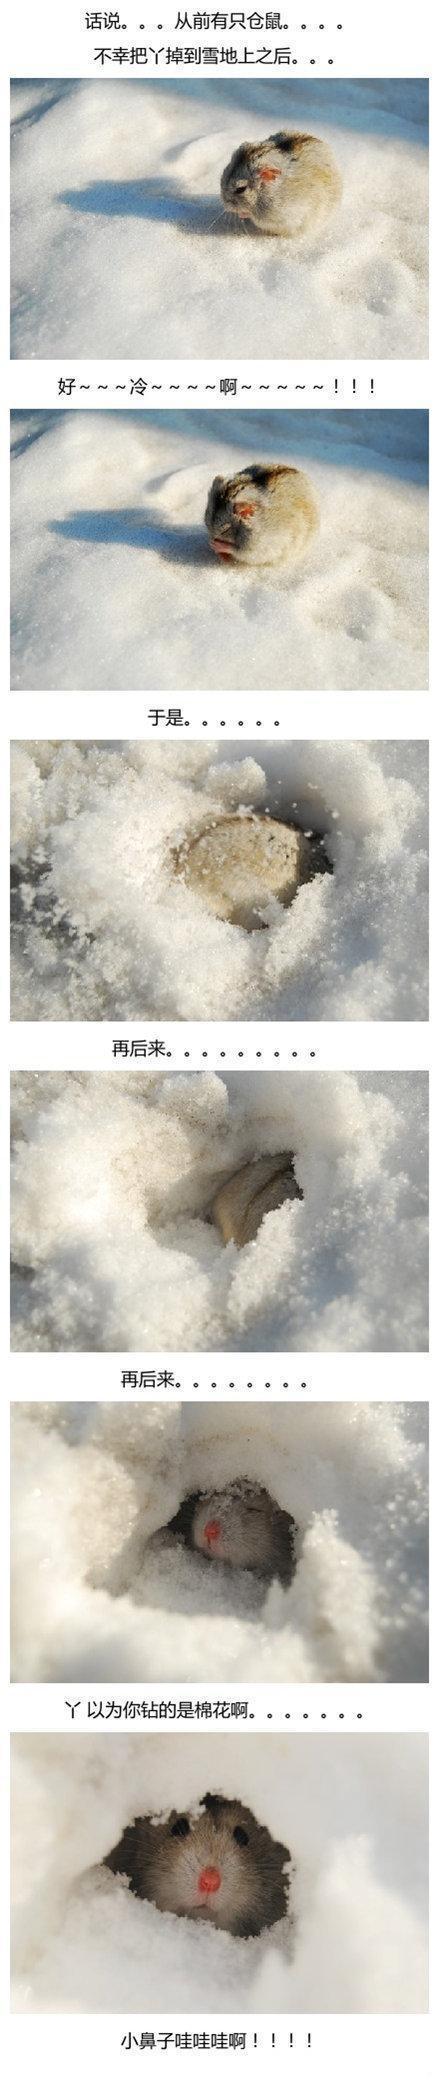 从前有一只仓鼠。。。主人一不小心把它掉雪地上之后。。。。「图转」